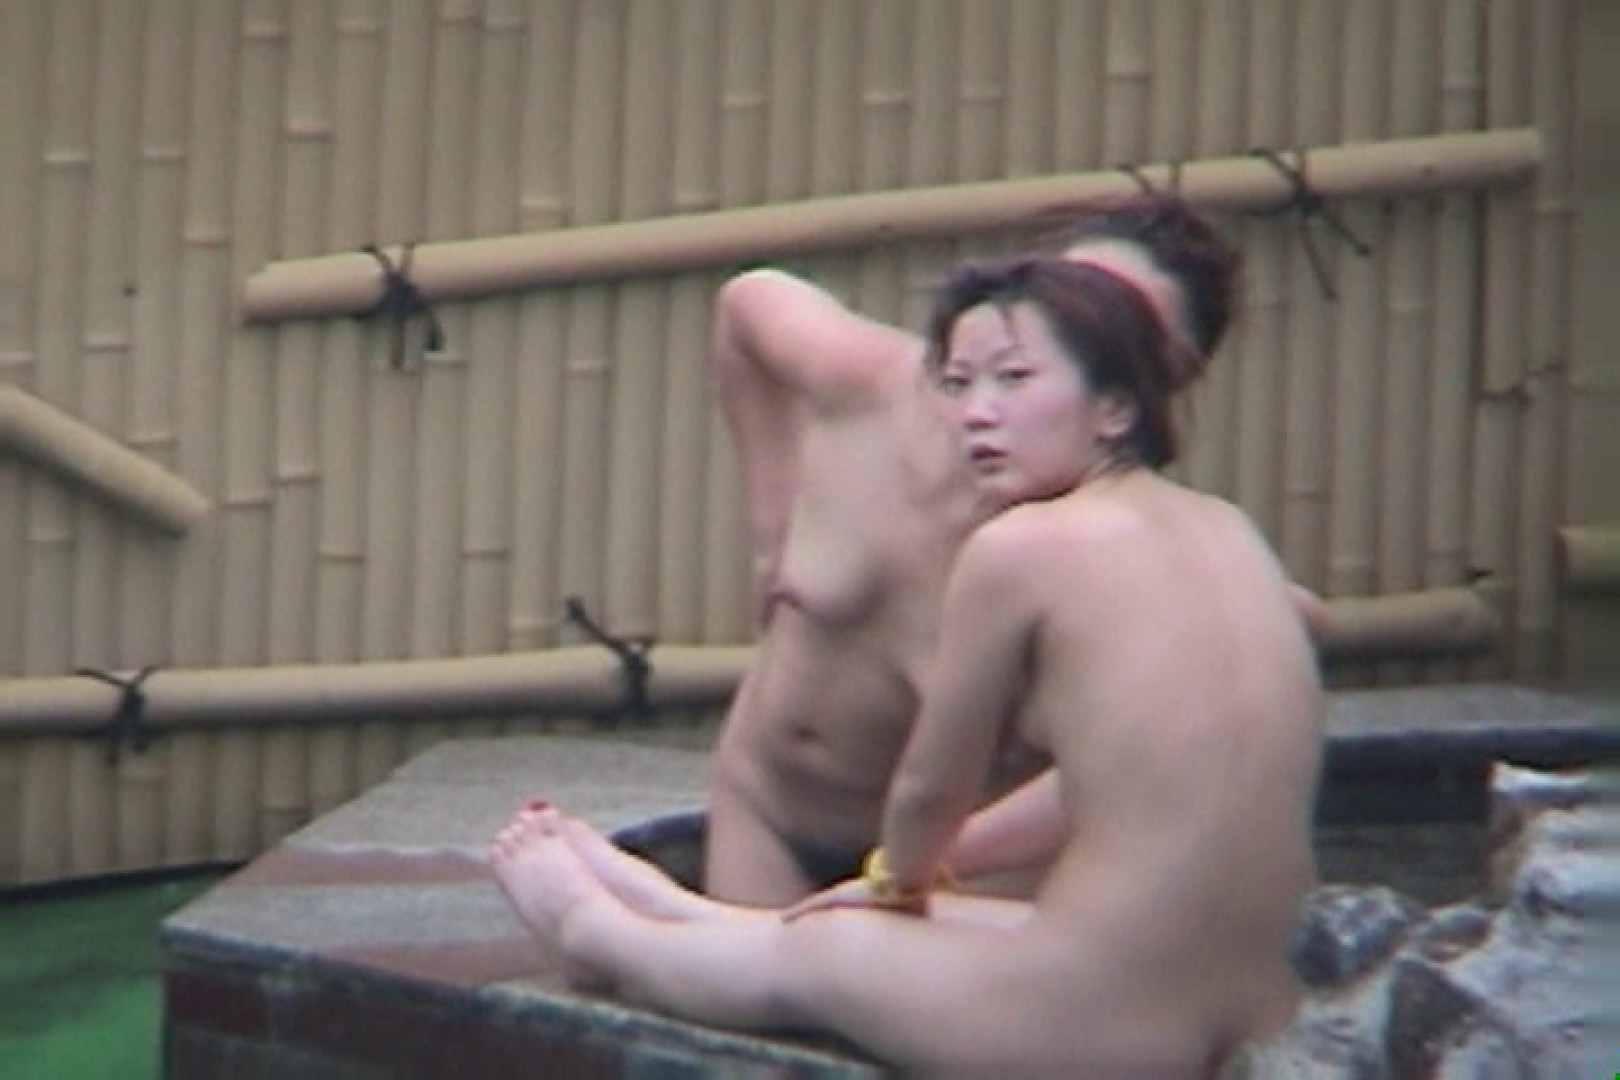 Aquaな露天風呂Vol.600 OLのエロ生活  41連発 3